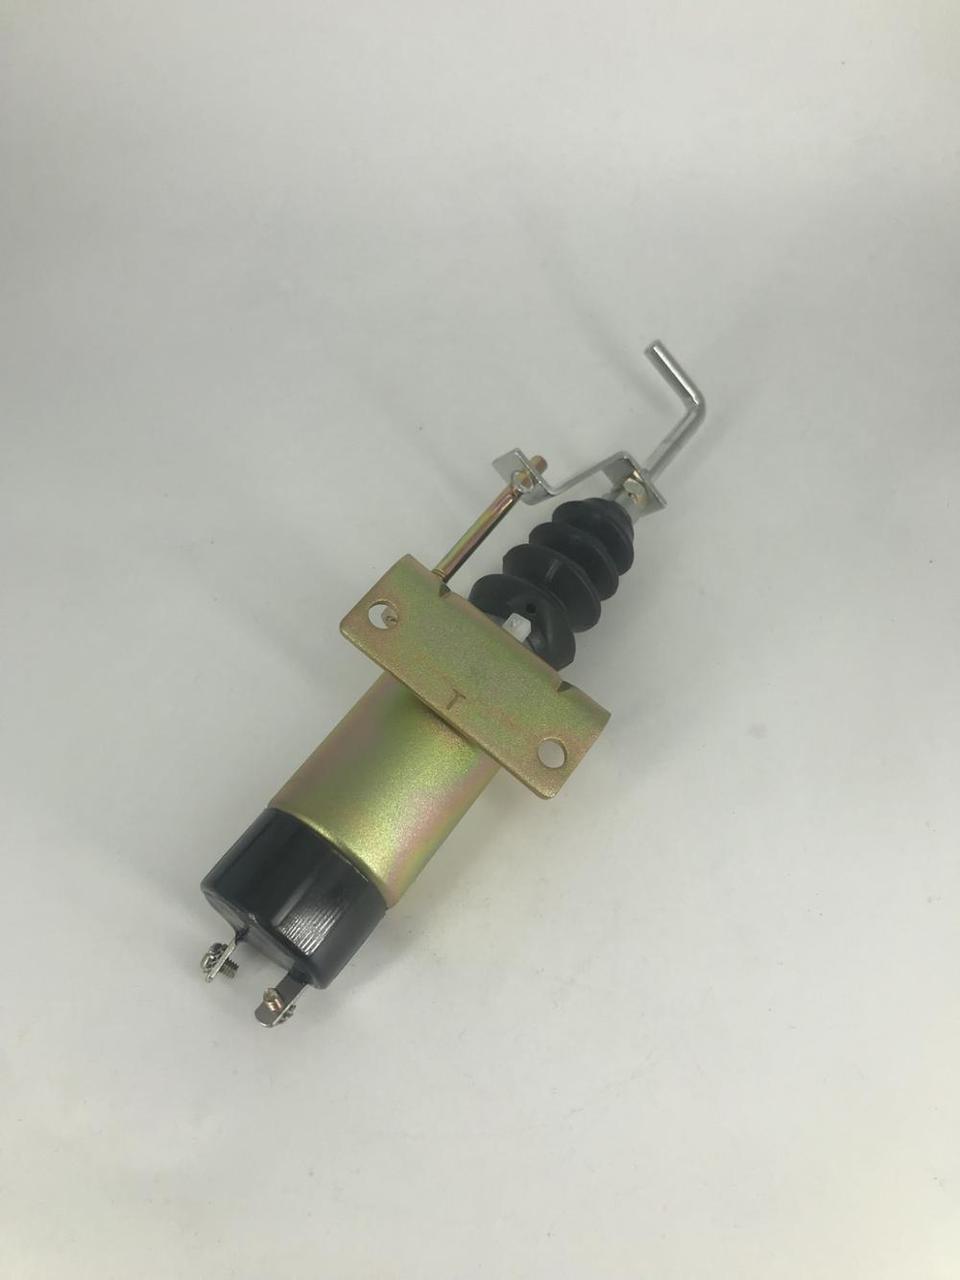 366-07197 экскаватор части дизельный двигатель 12 В Push Pull электромагнитный